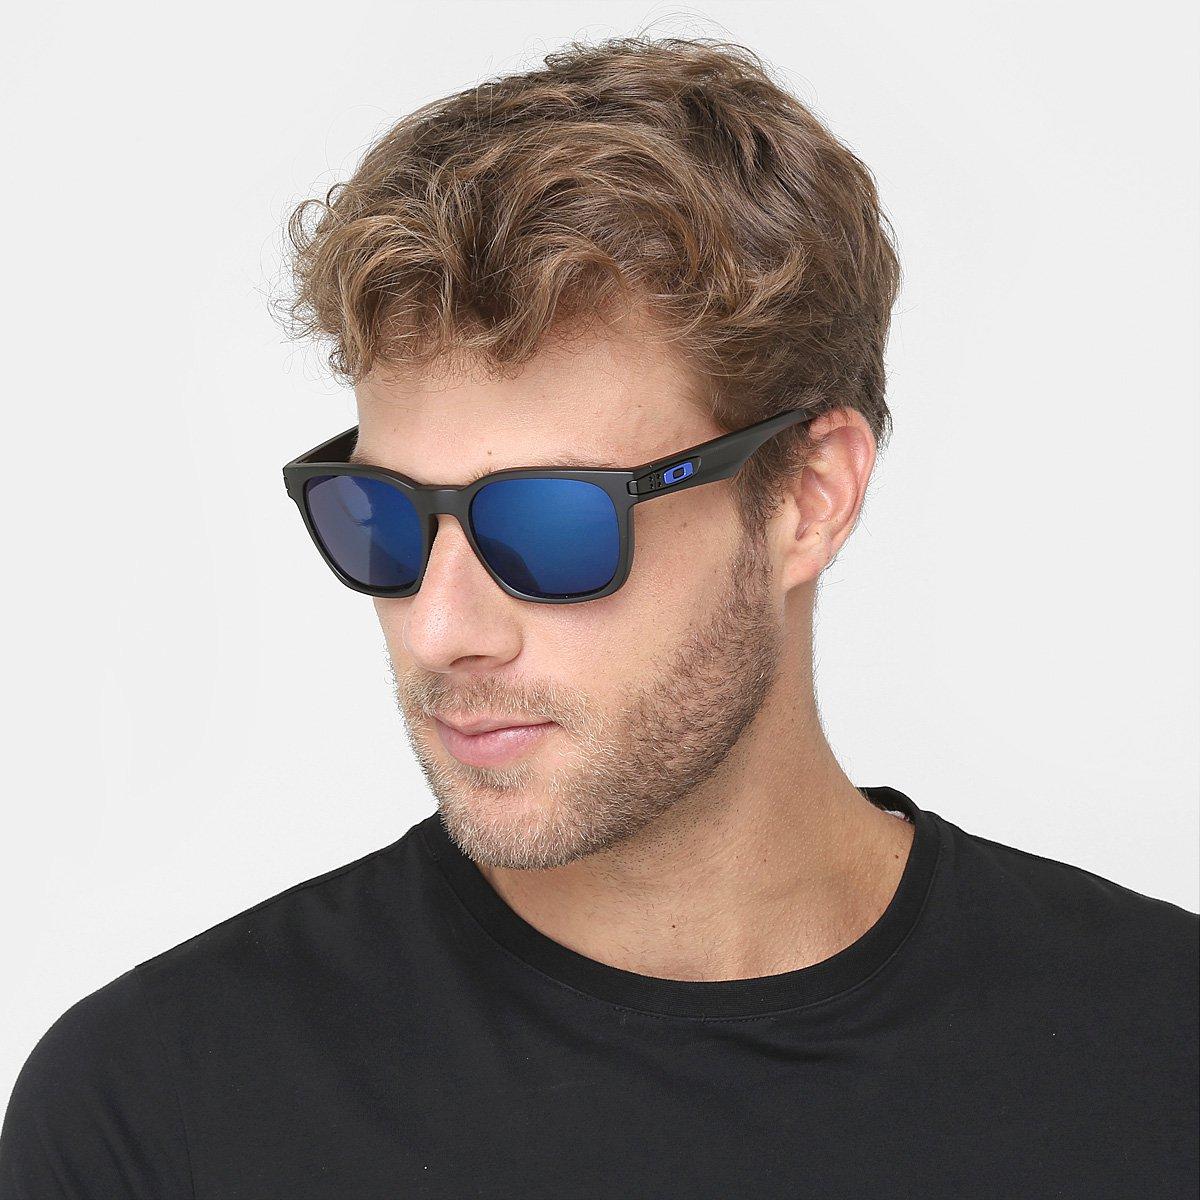 Óculos Oakley Garage Rock - Compre Agora   Netshoes fe08b5702d